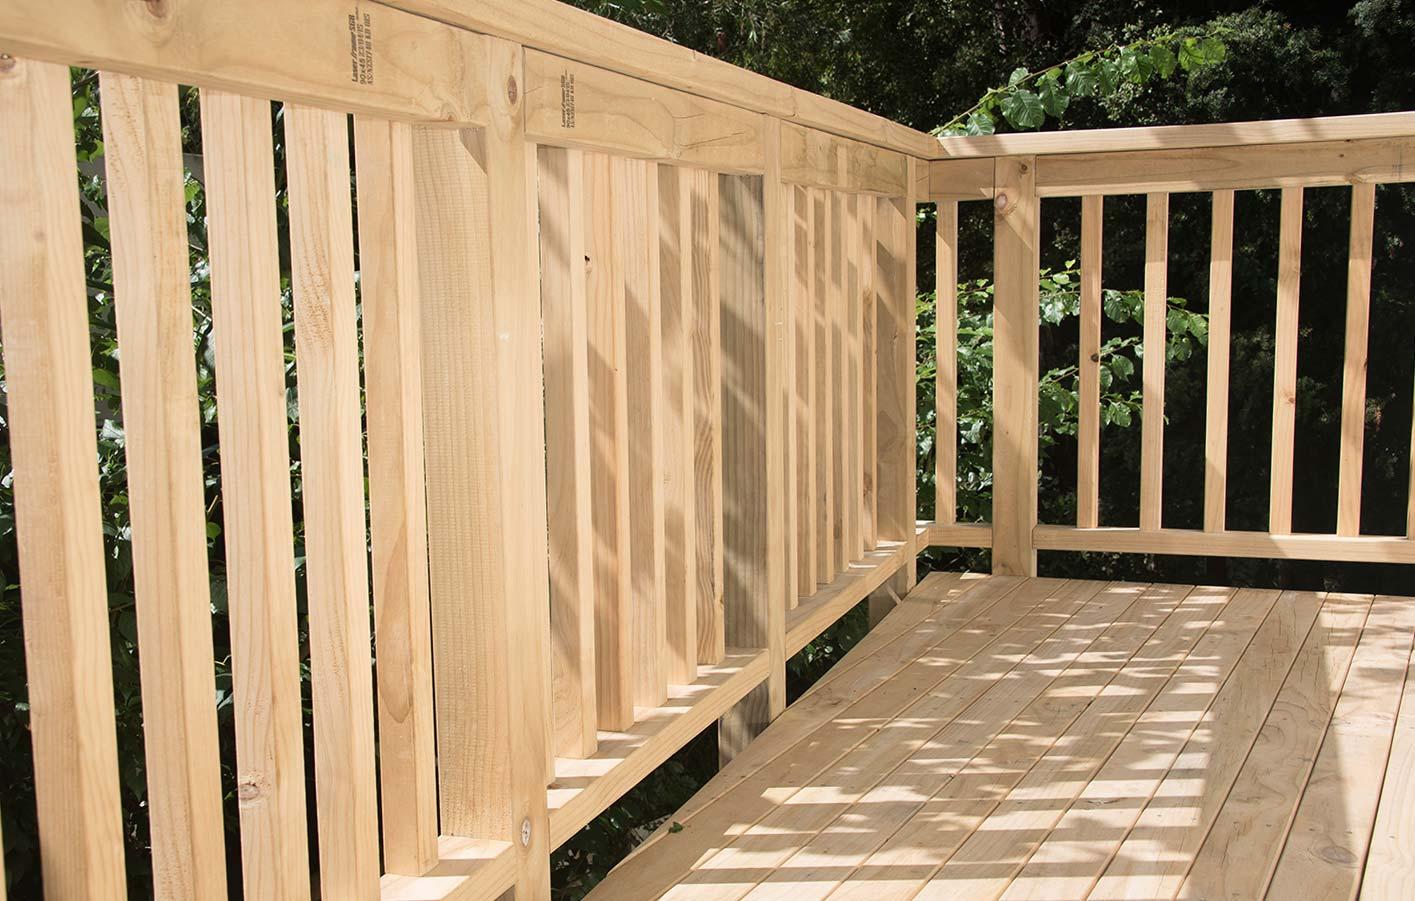 Holzkellner – Parkett Laminat Türen Terrasse Zaun für Plauen